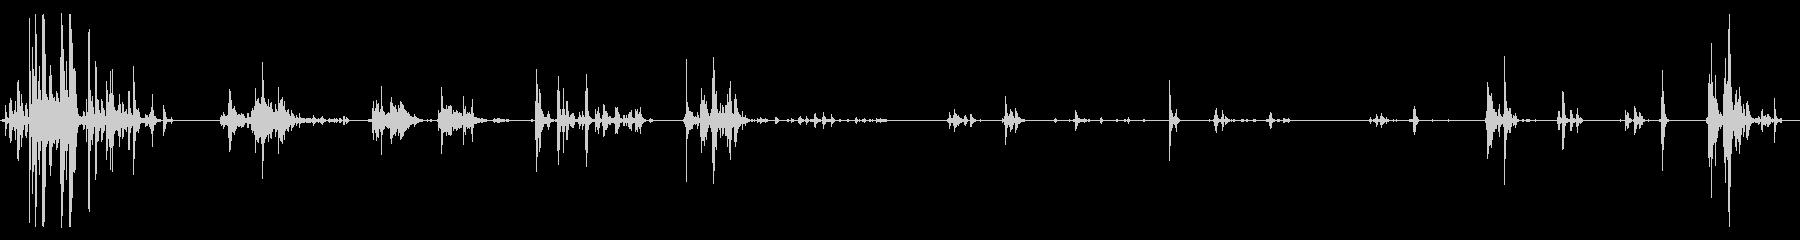 子猫が走ったり遊んだりしている音の未再生の波形